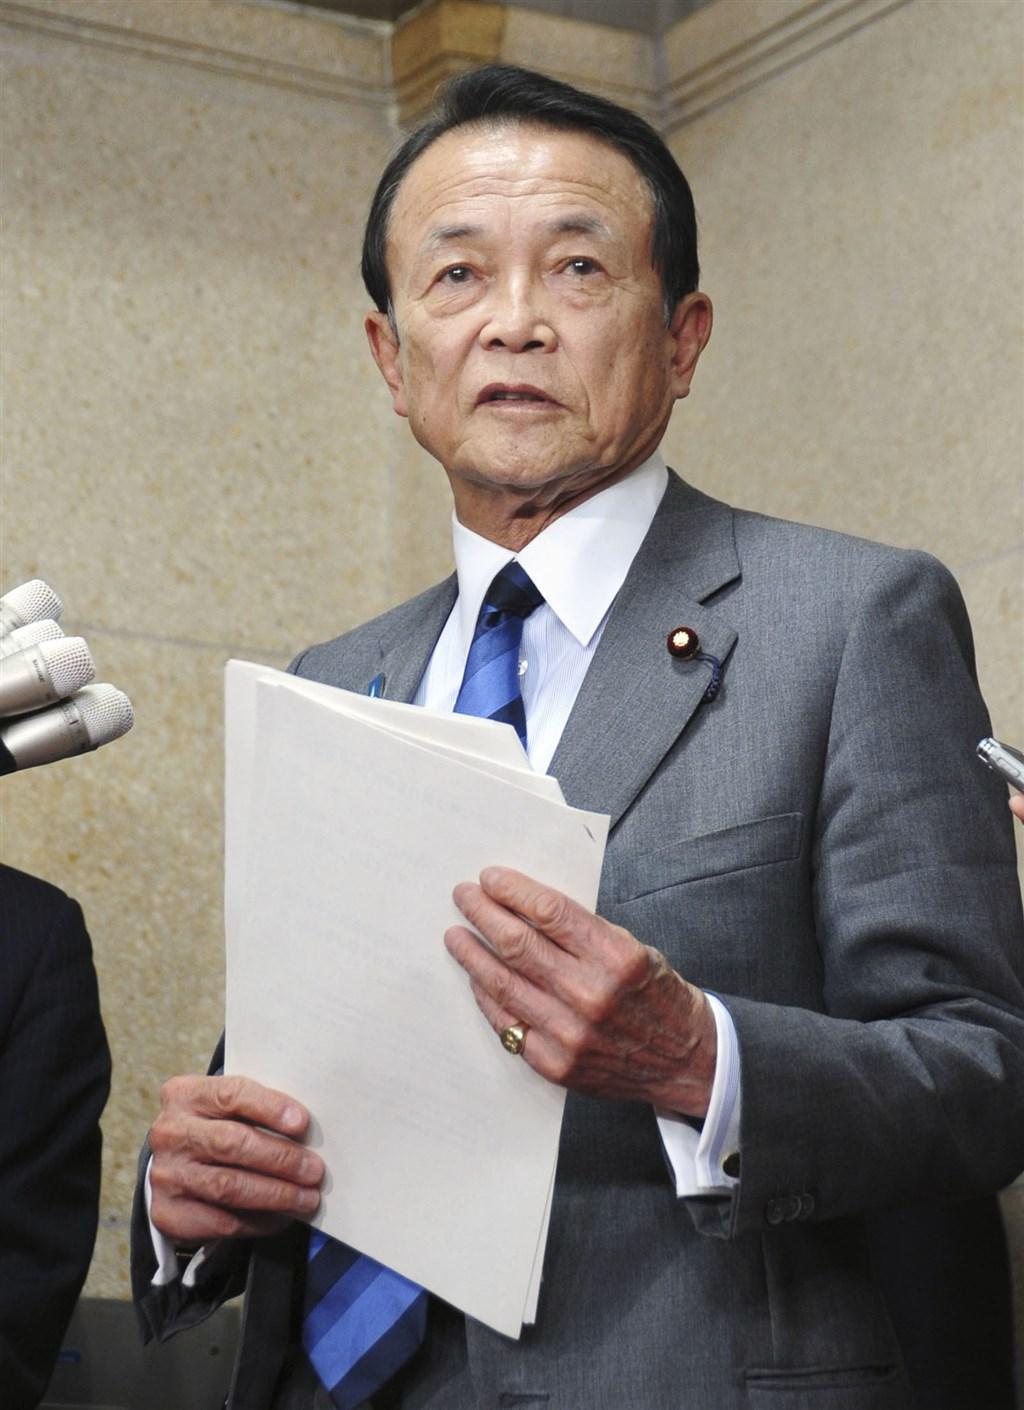 武漢肺炎疫情持續延燒,有人要求世界衛生組織秘書長譚德塞辭職。日本副首相麻生太郎(圖)26日表示,有人說WHO應改稱為CHO(中國衛生組織)。(共同社提供)